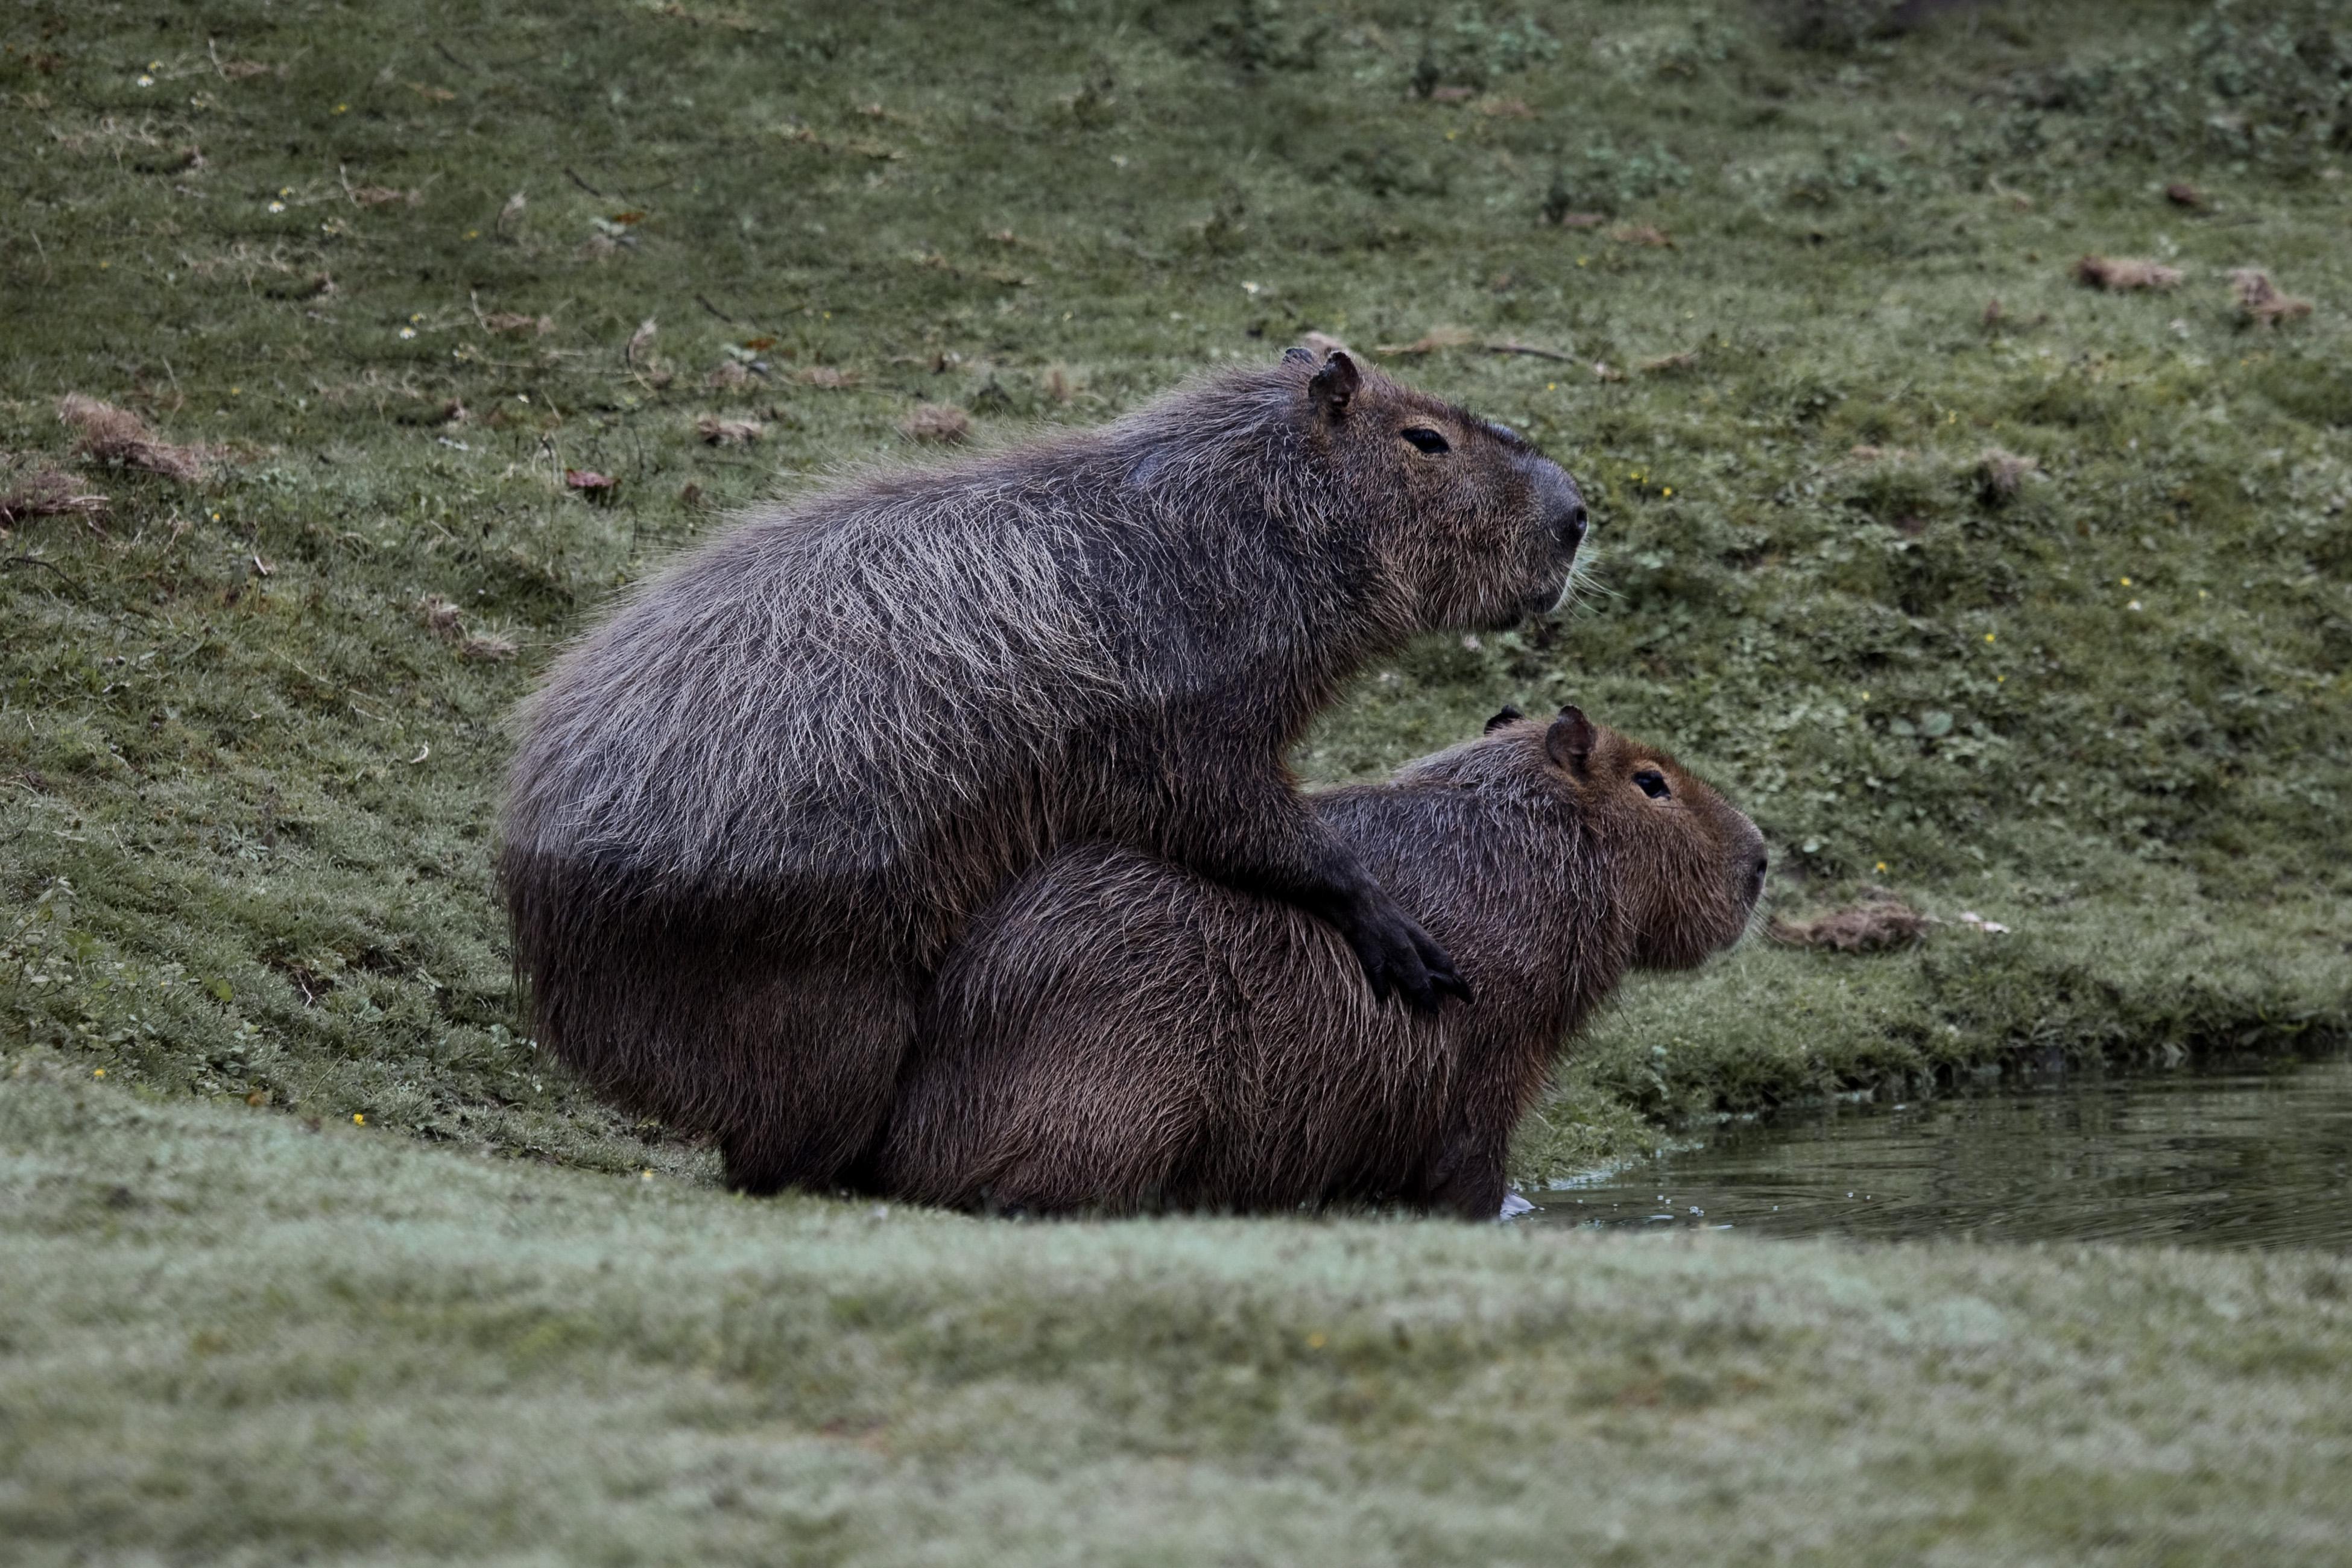 Kết quả hình ảnh cho capybara mating